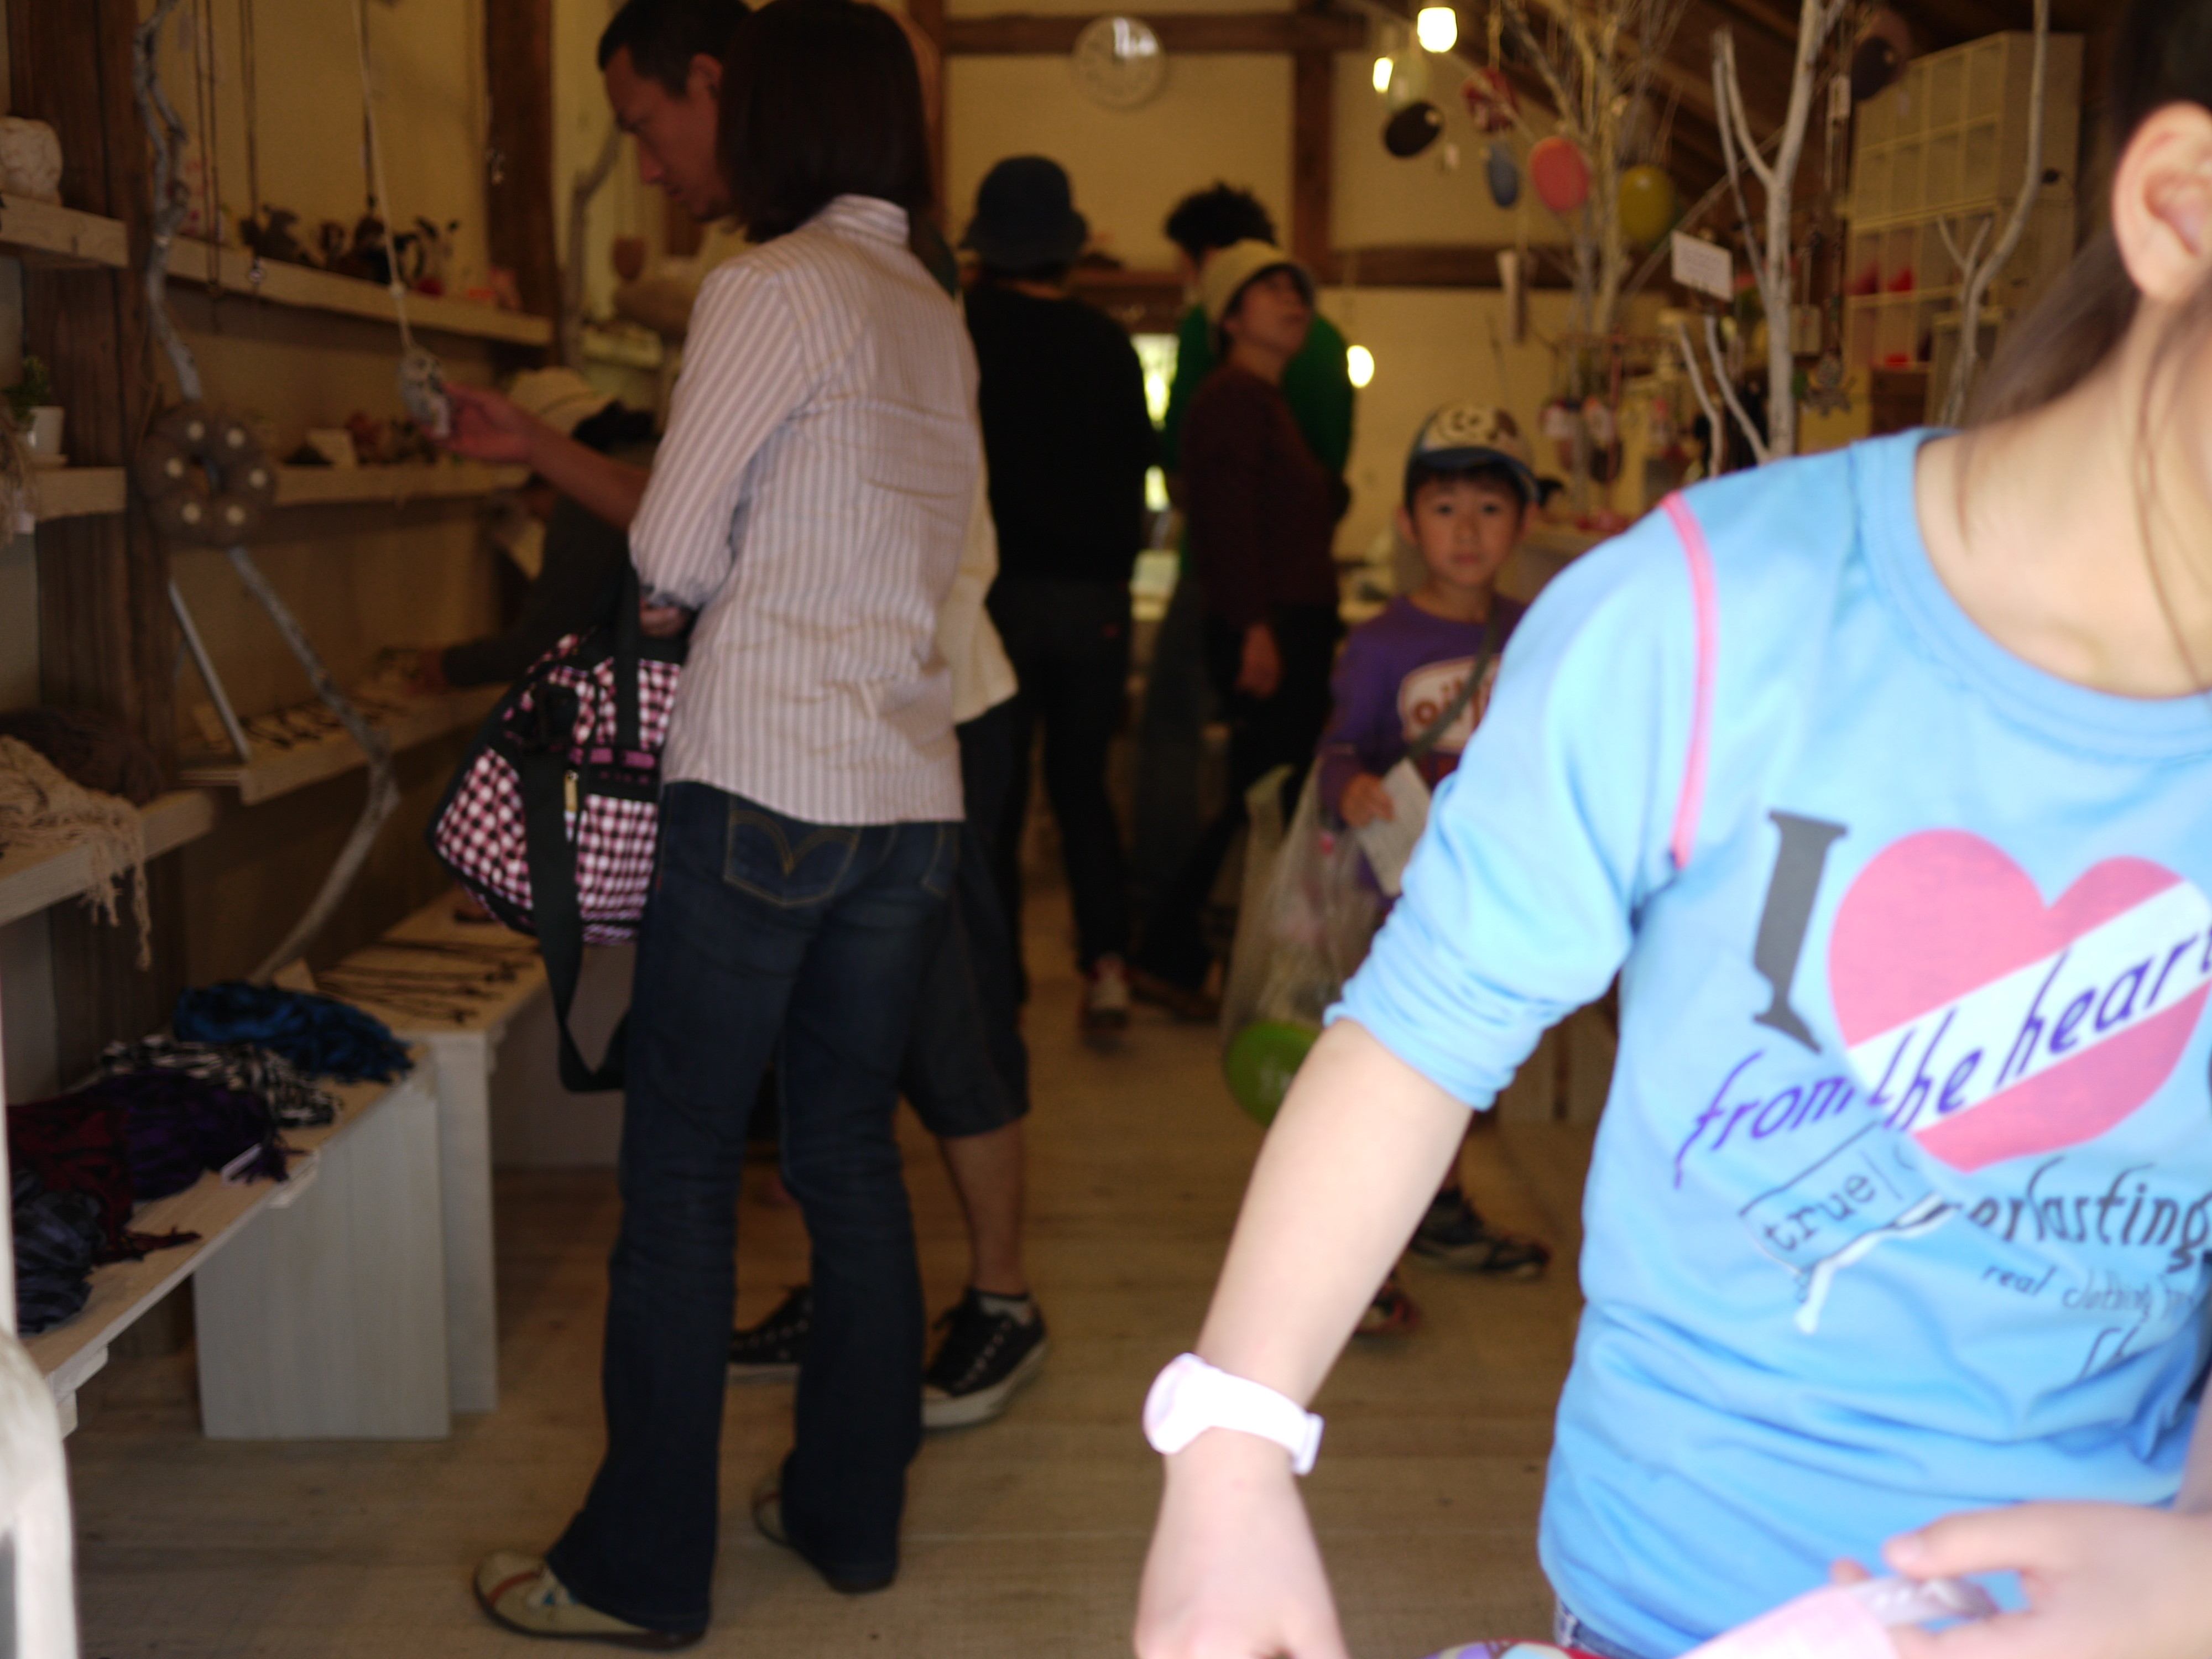 [モカの森工房][制作体験][楽しい][体験][ペット][雑貨][可愛い][動物のぬいぐるみ][手芸用品.裁縫.服飾副資][ファッション.アク  セ]